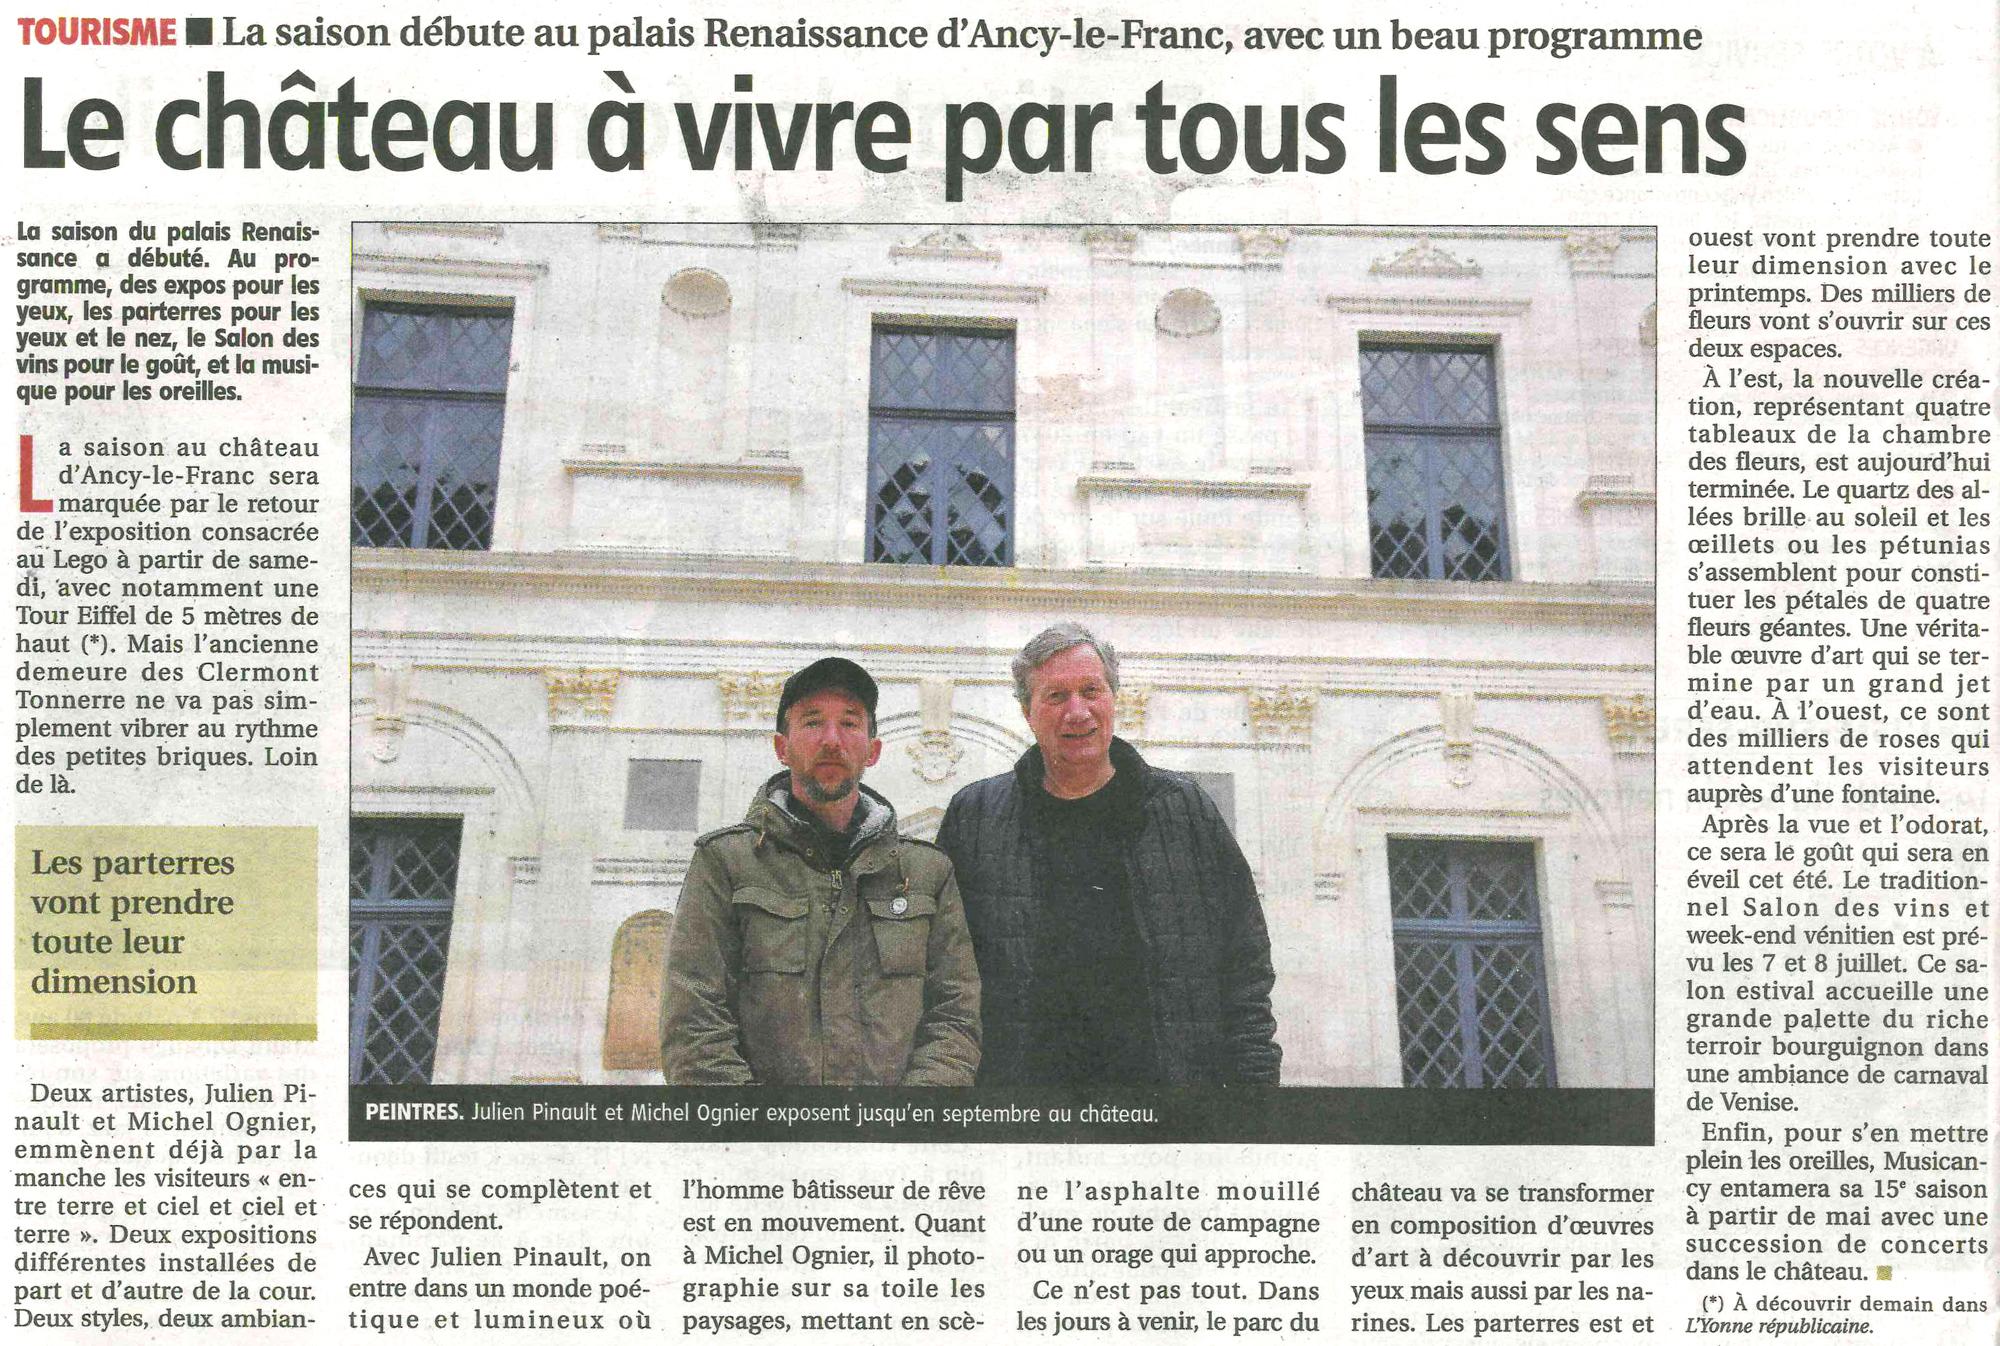 exposition ancy le franc chateau bourgogne